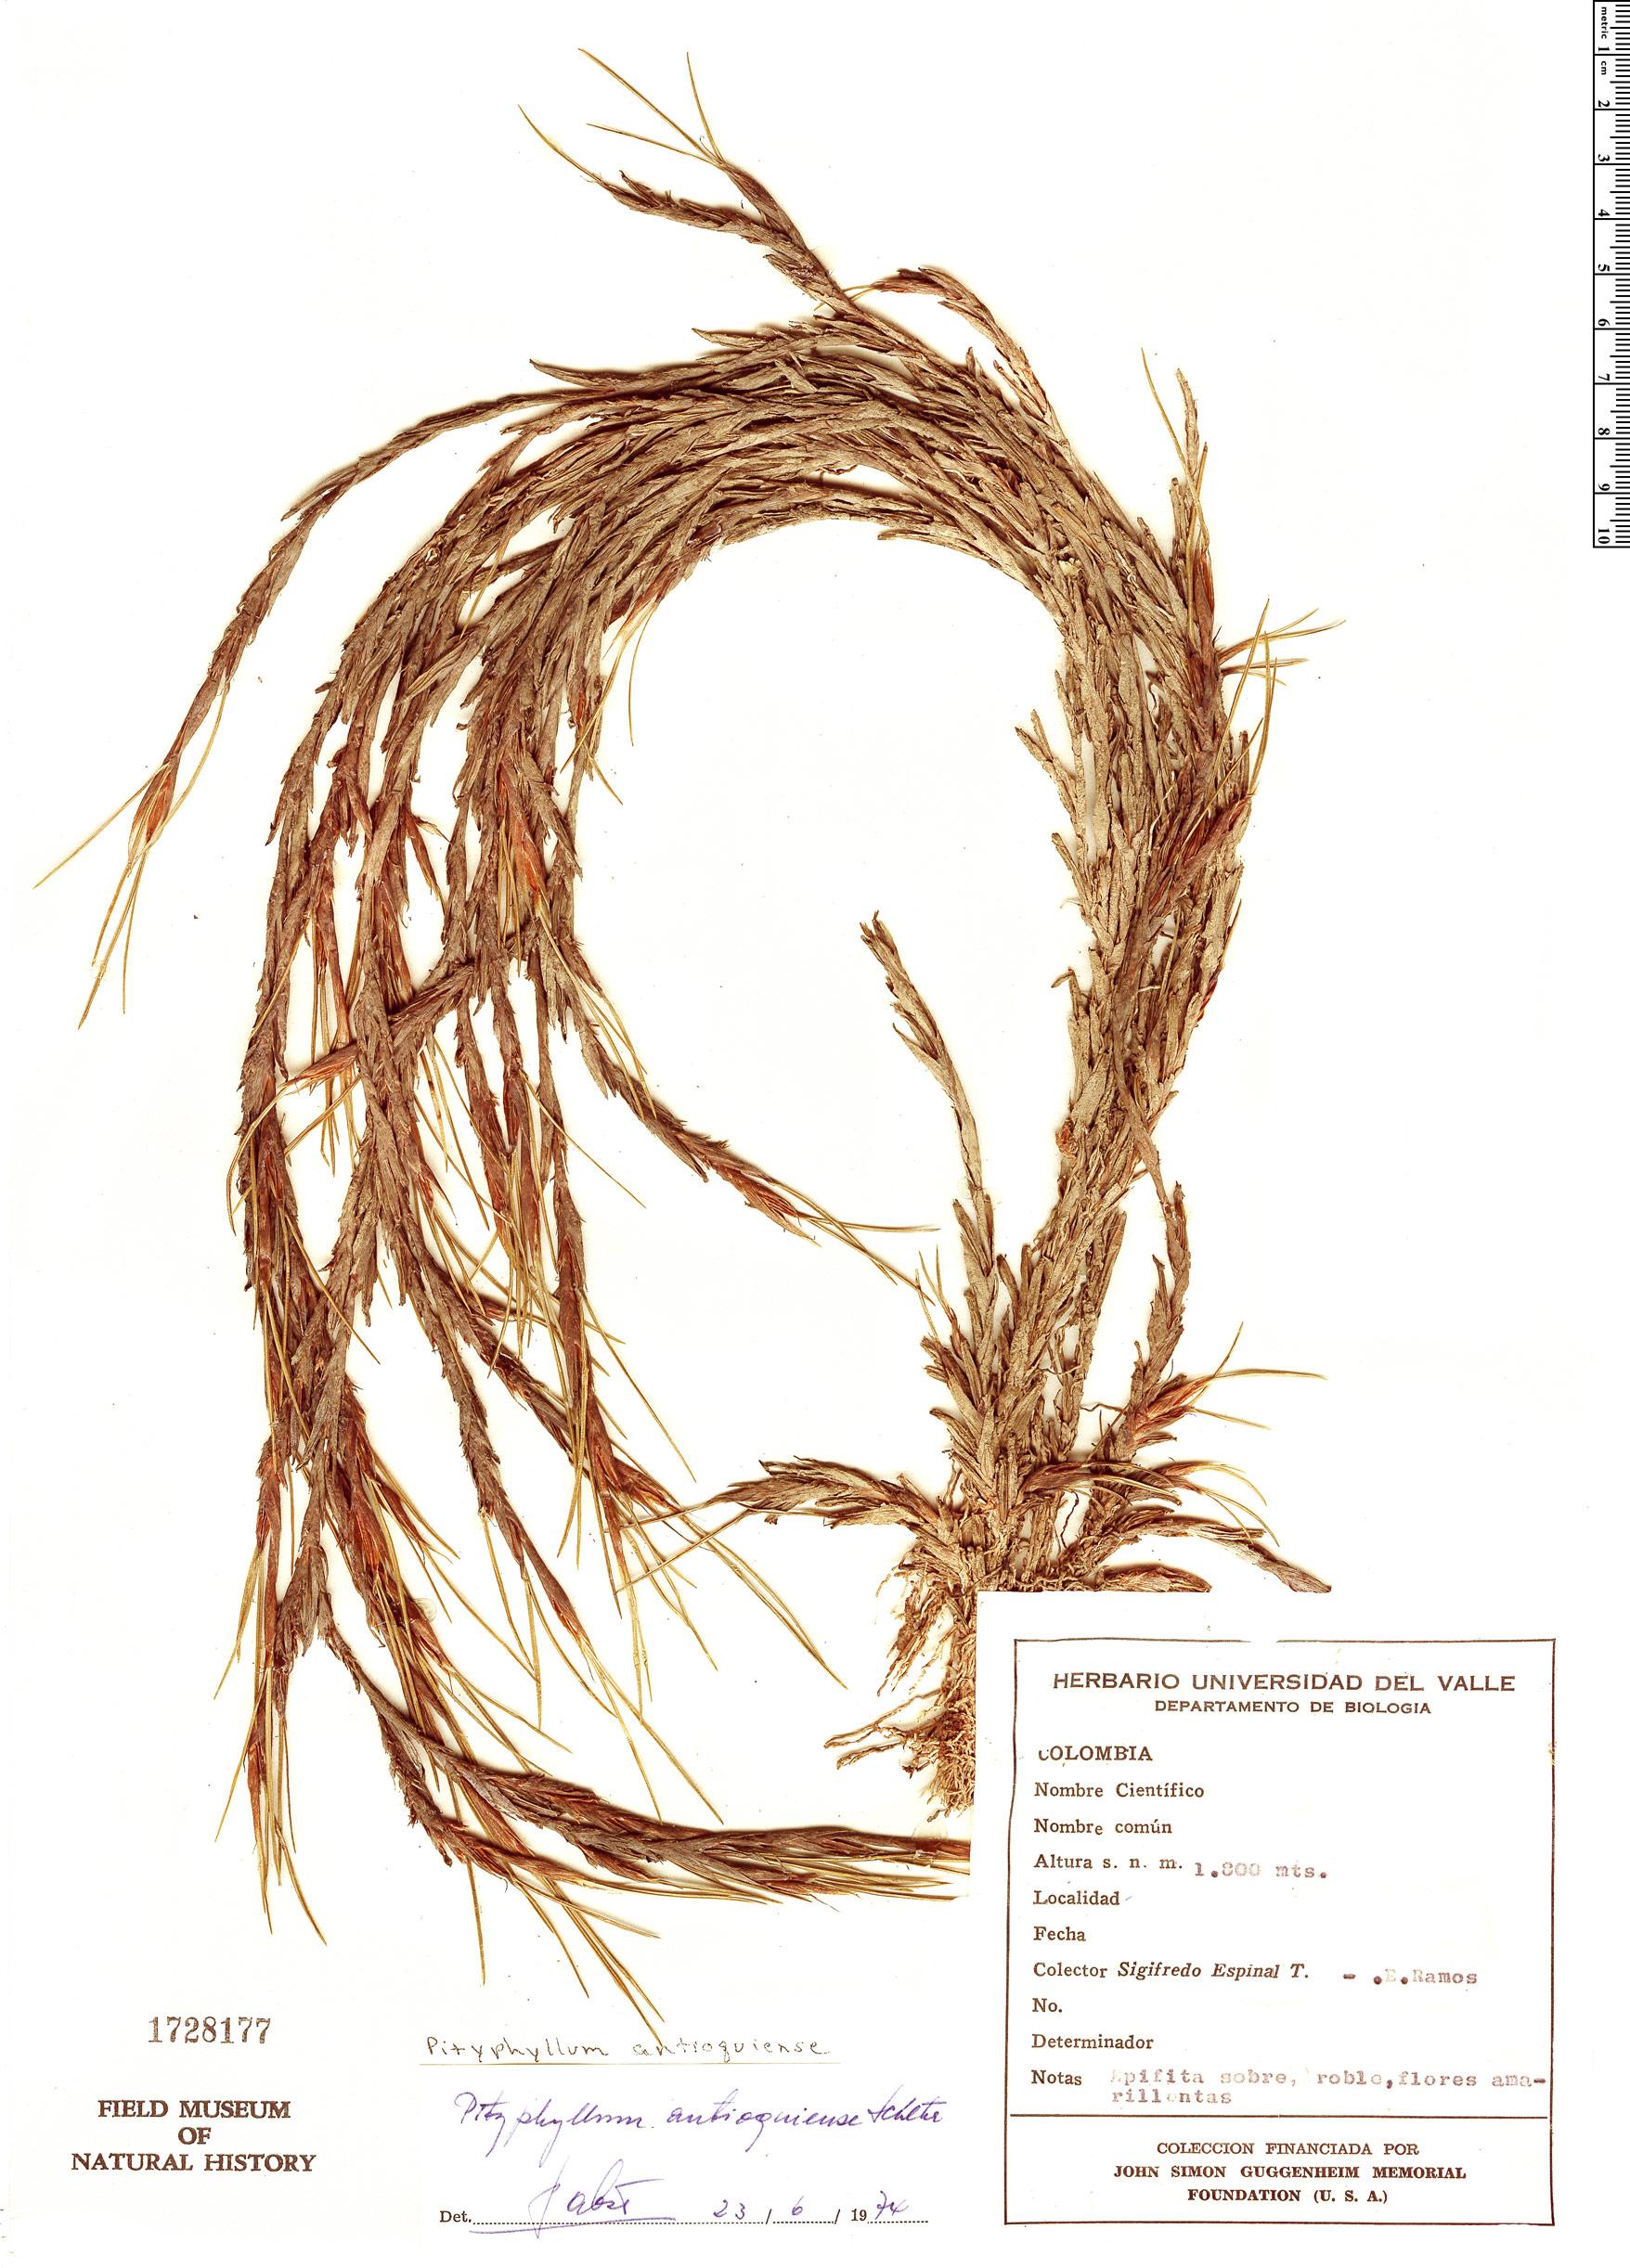 Specimen: Pityphyllum antioquiense